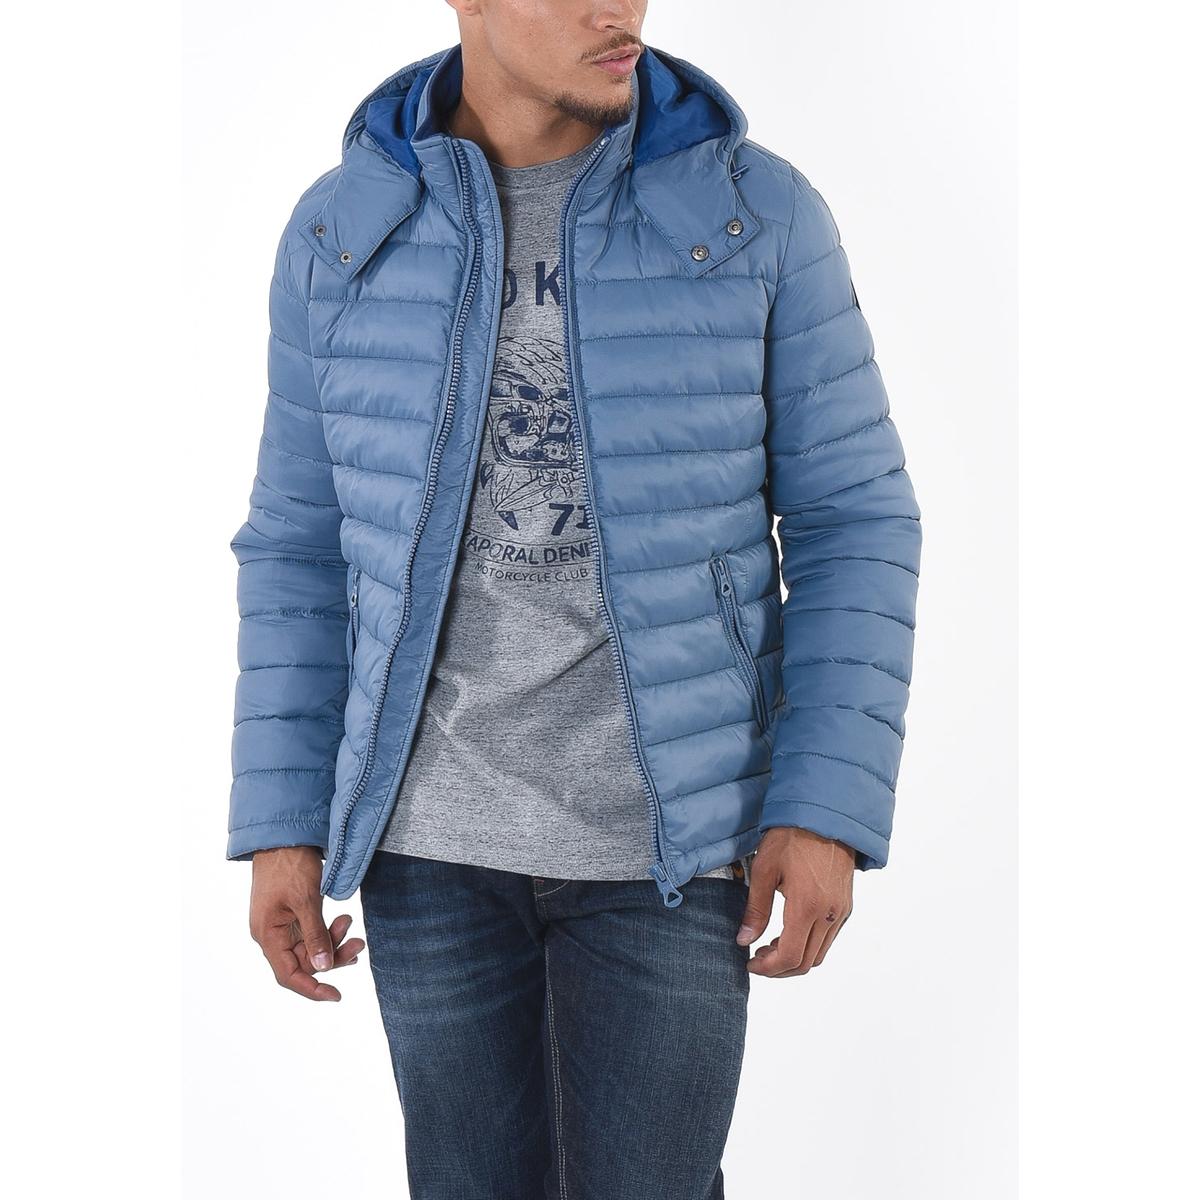 Куртка короткая зимняяДетали •  Длина  : укороченная  •  Воротник-стойка •  Застежка на молнию  •  С капюшоном Состав и уход •  100% полиамид  •  Следуйте советам по уходу, указанным на этикетке<br><br>Цвет: серый,черный<br>Размер: M.L